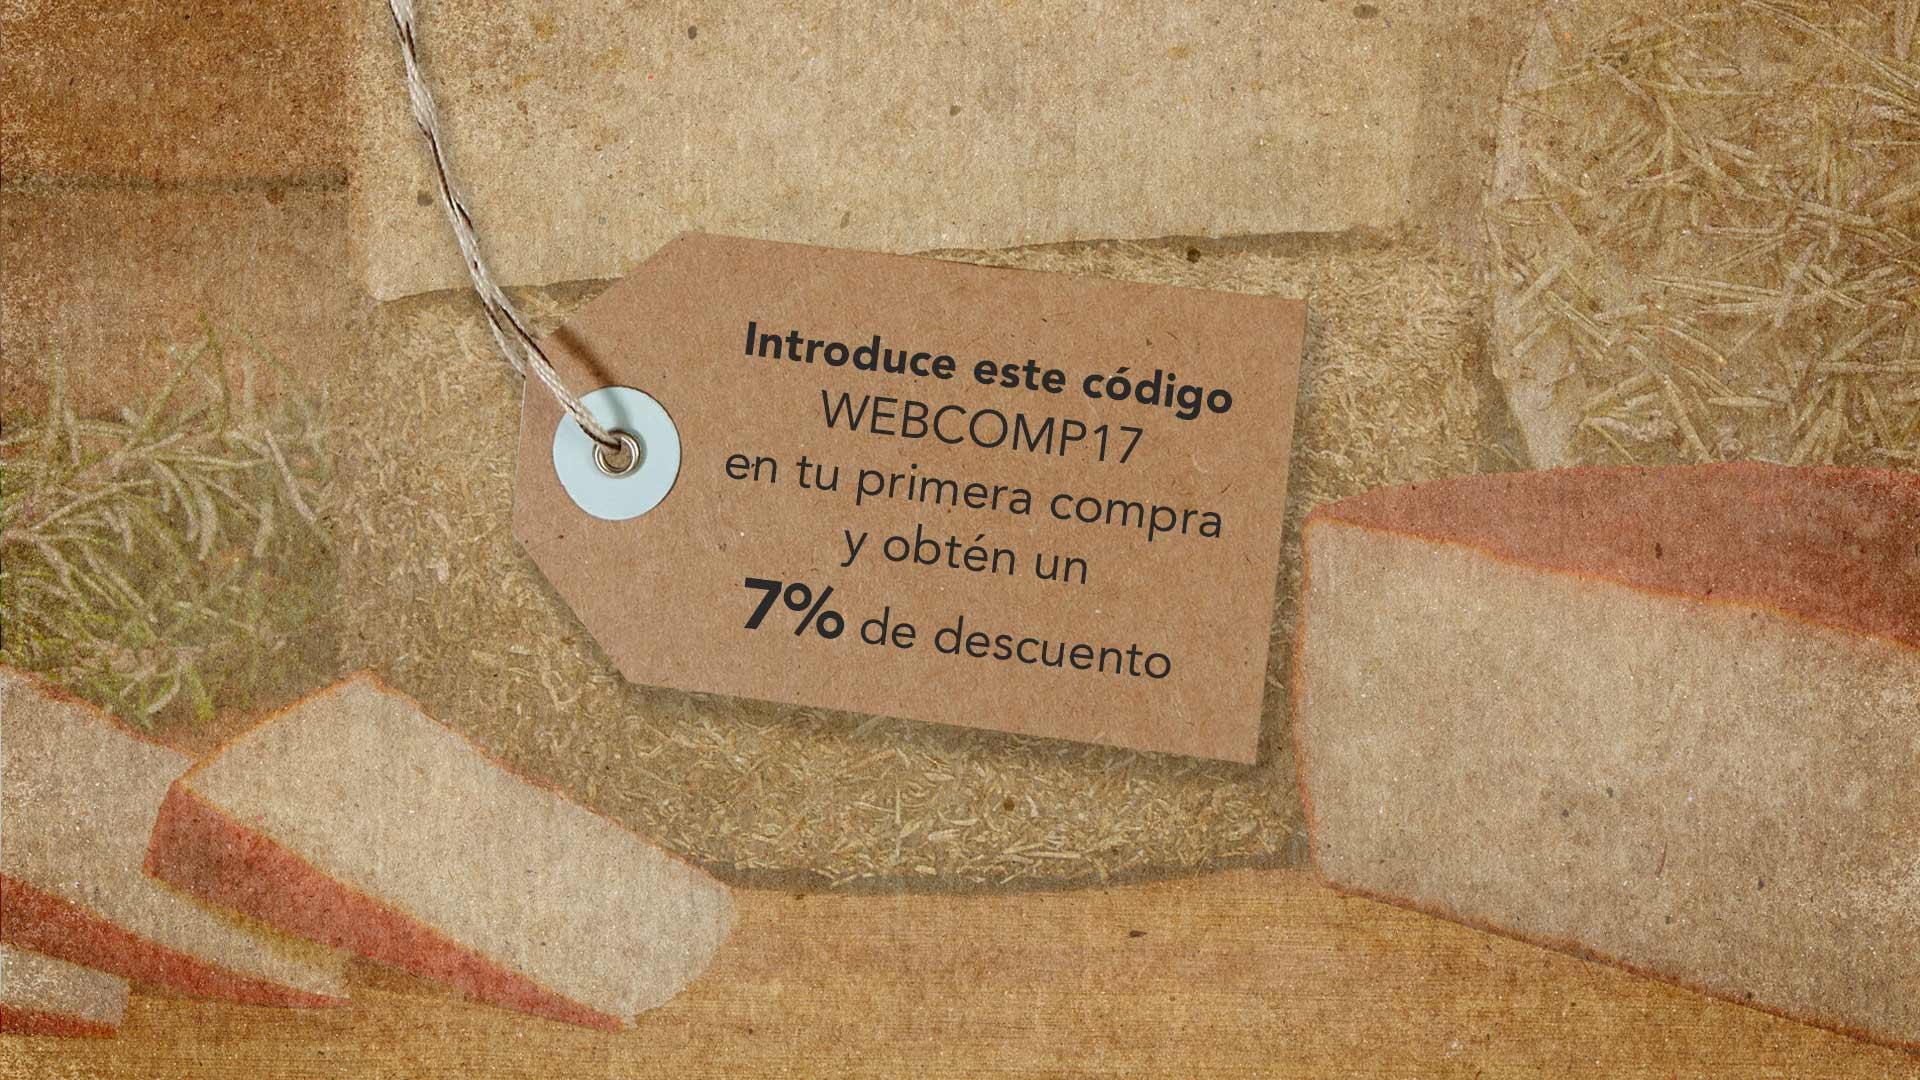 7% de descuento